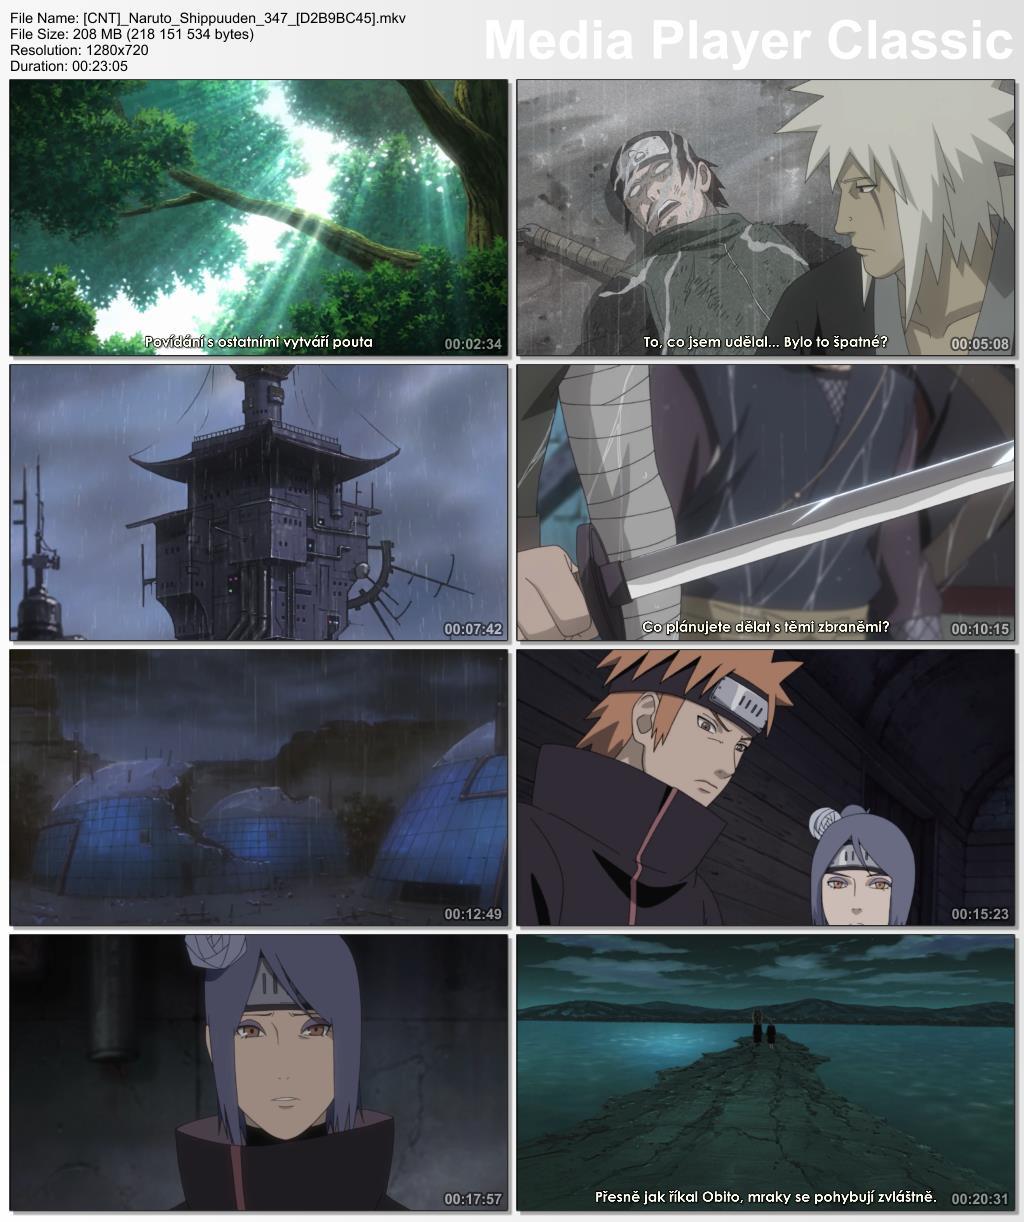 347 Naruto shippuuden